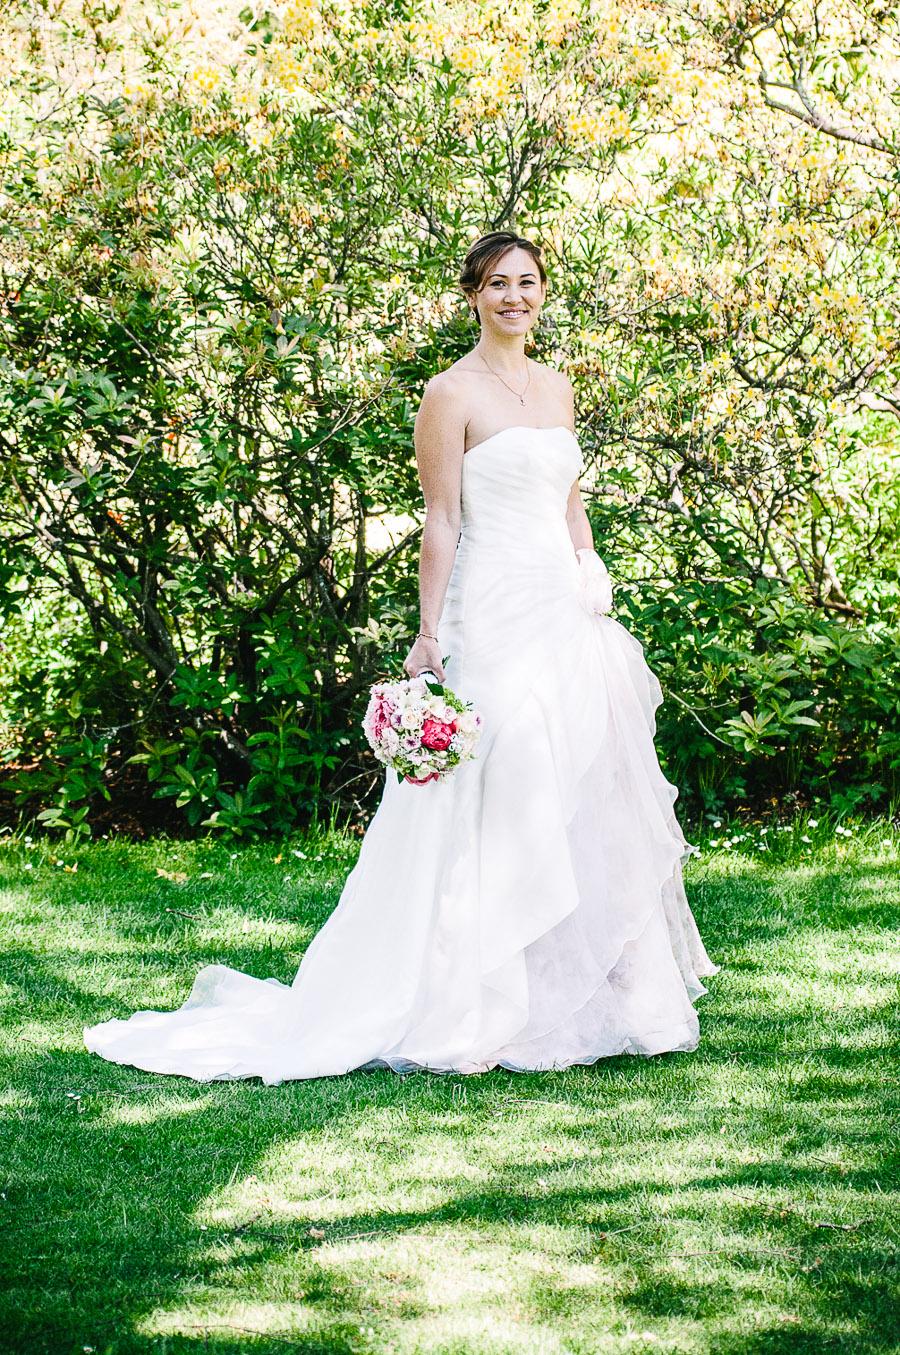 Christchurch wedding with Sarah and Savo.